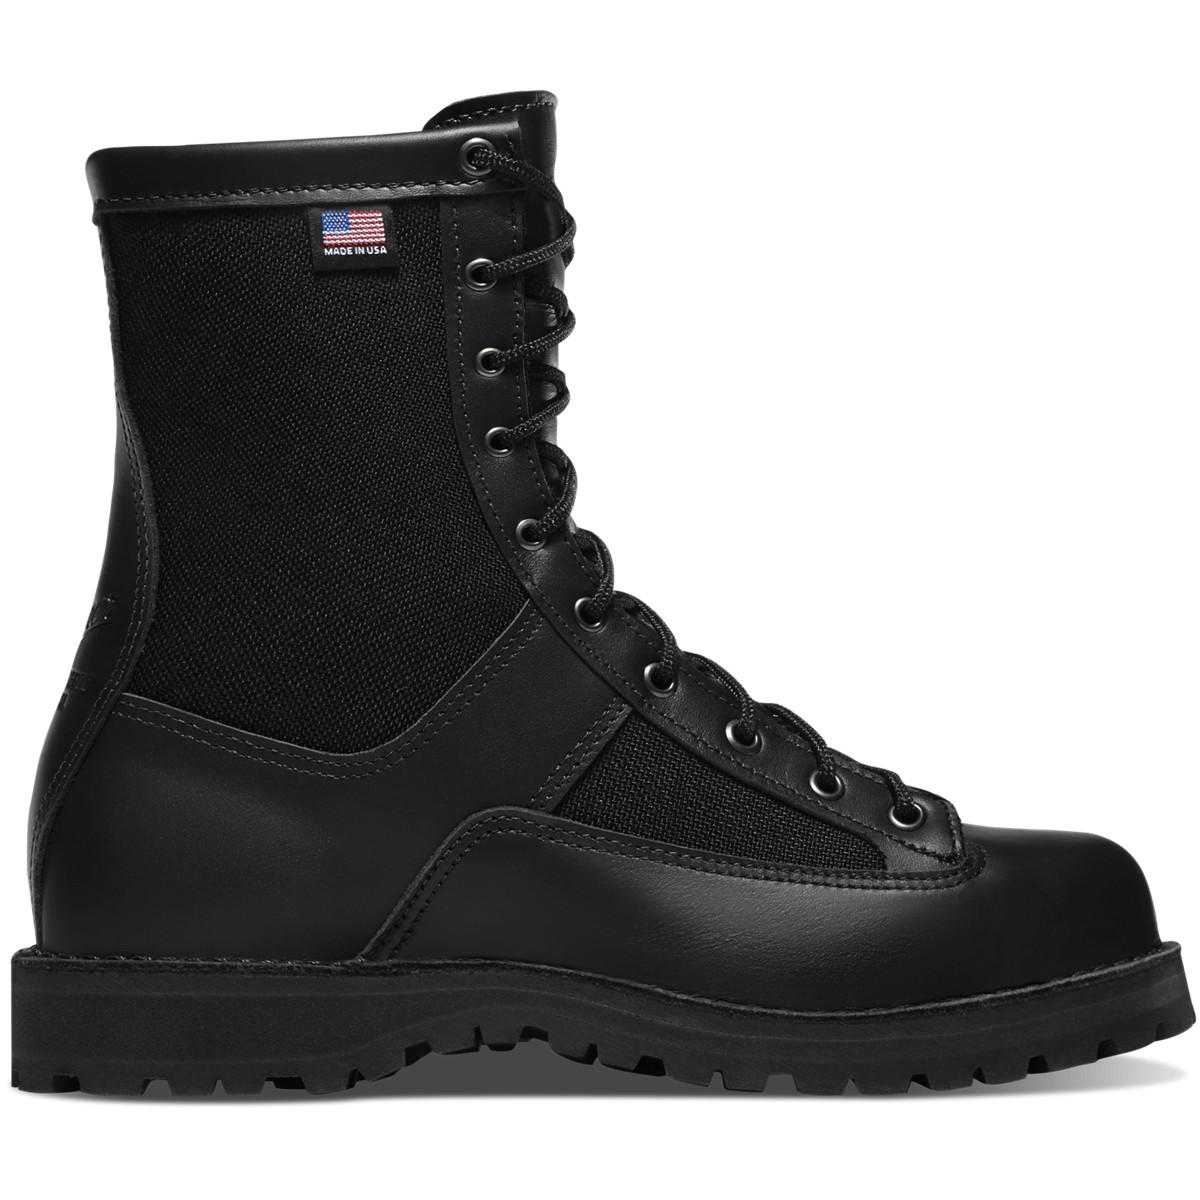 Danner Composite Toe Work Boots